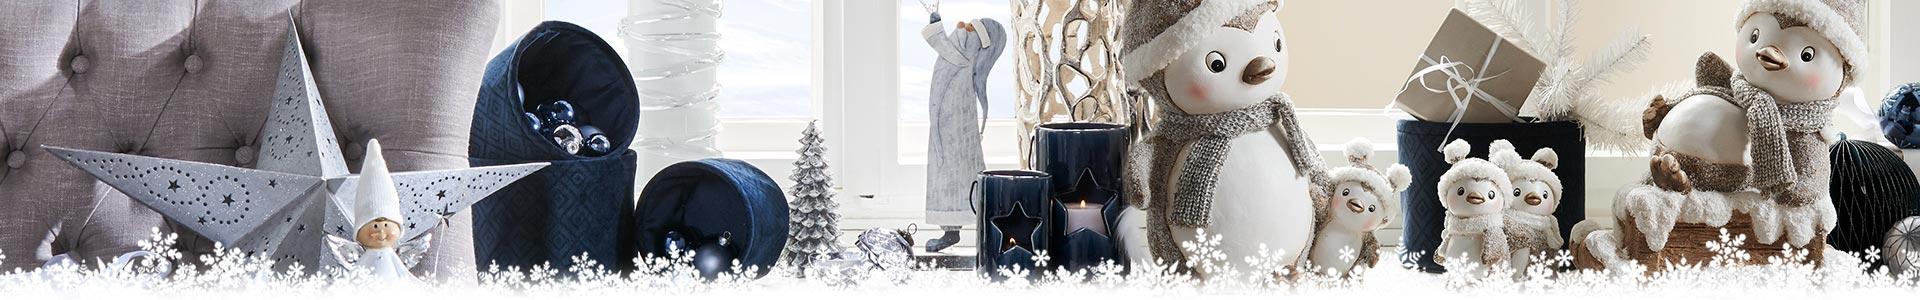 Weihnachtsaufbewahrung